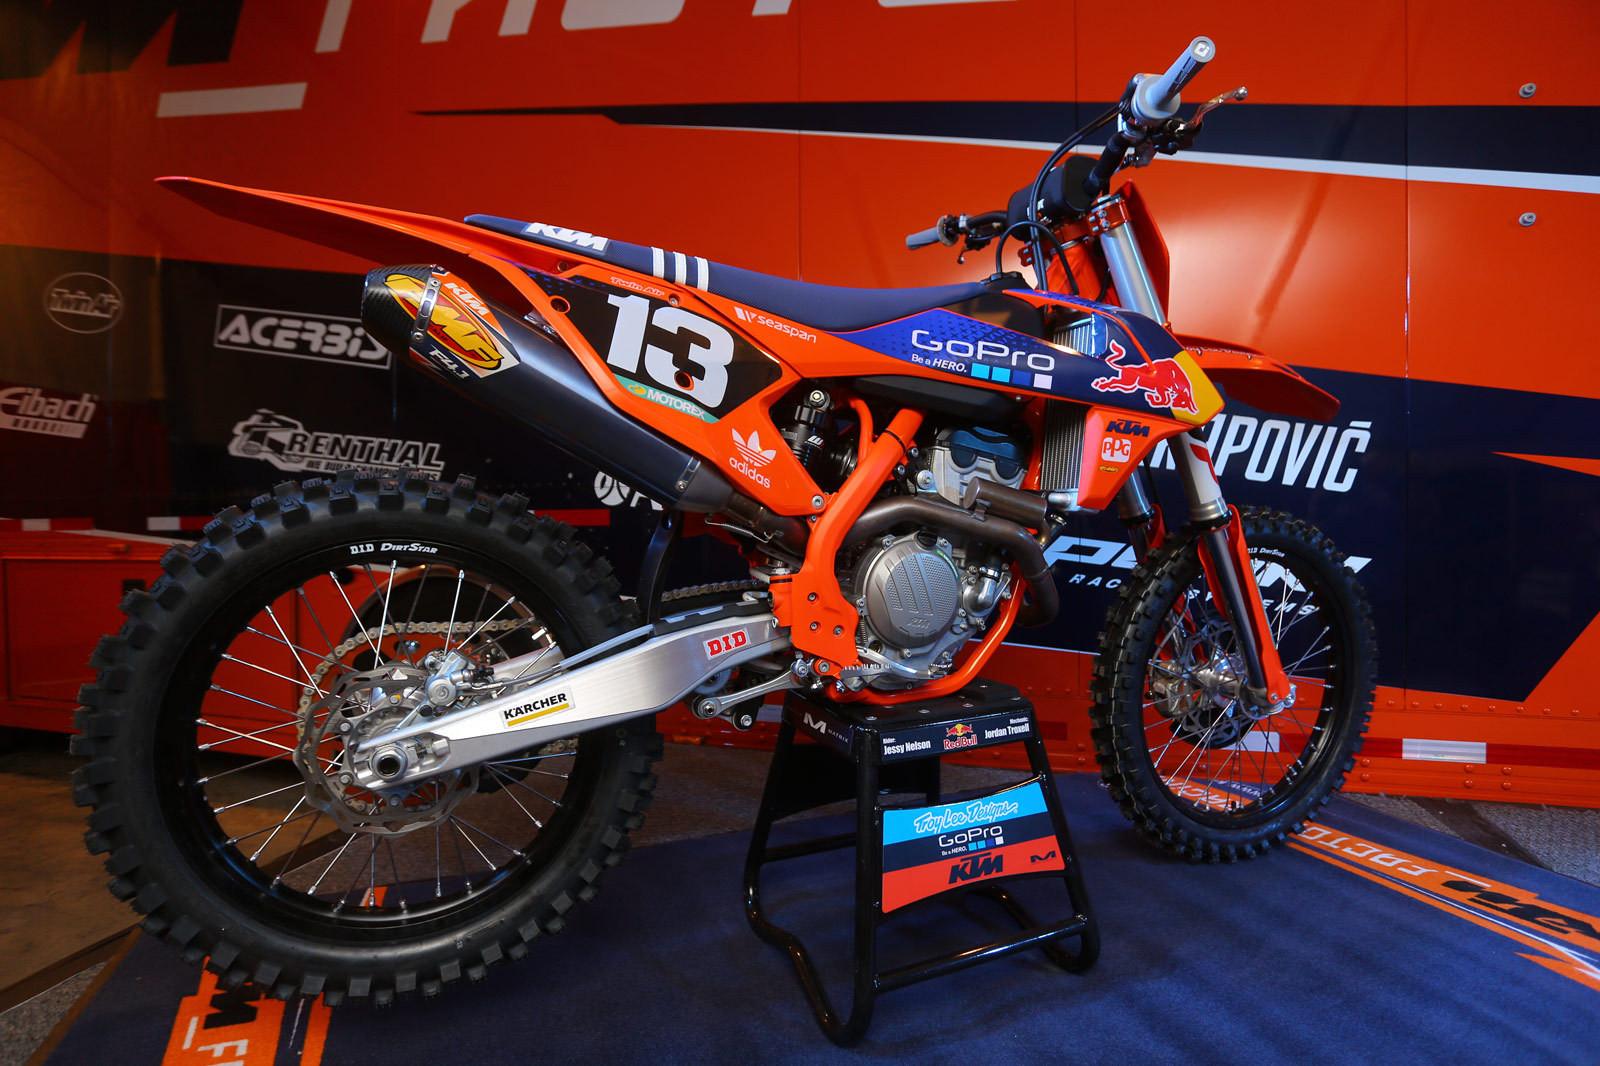 Ktm  Racing Gopro